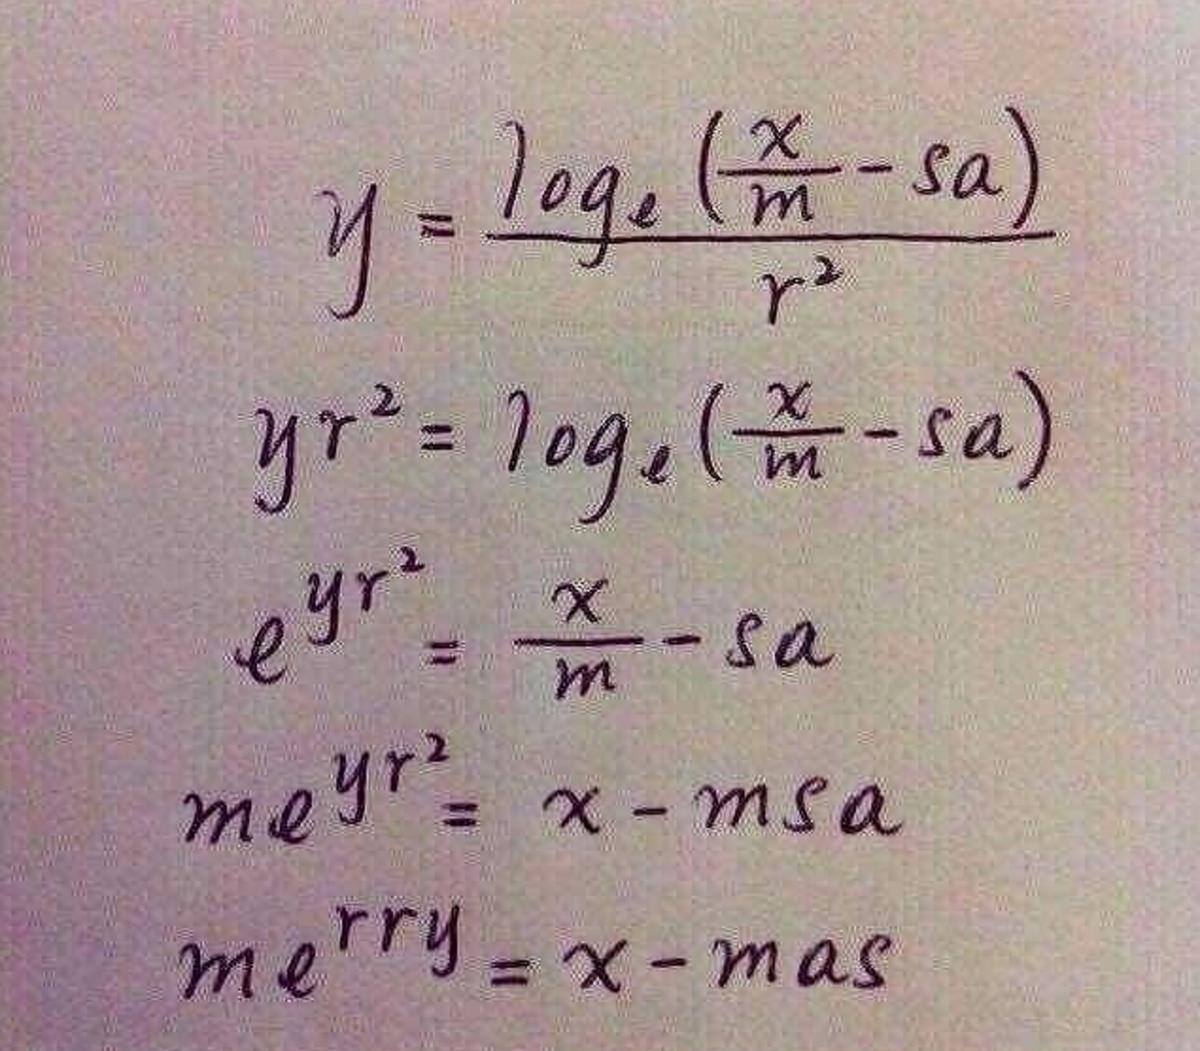 Jetzt auch mathematisch... https://t.co/hN5FnkrgTW